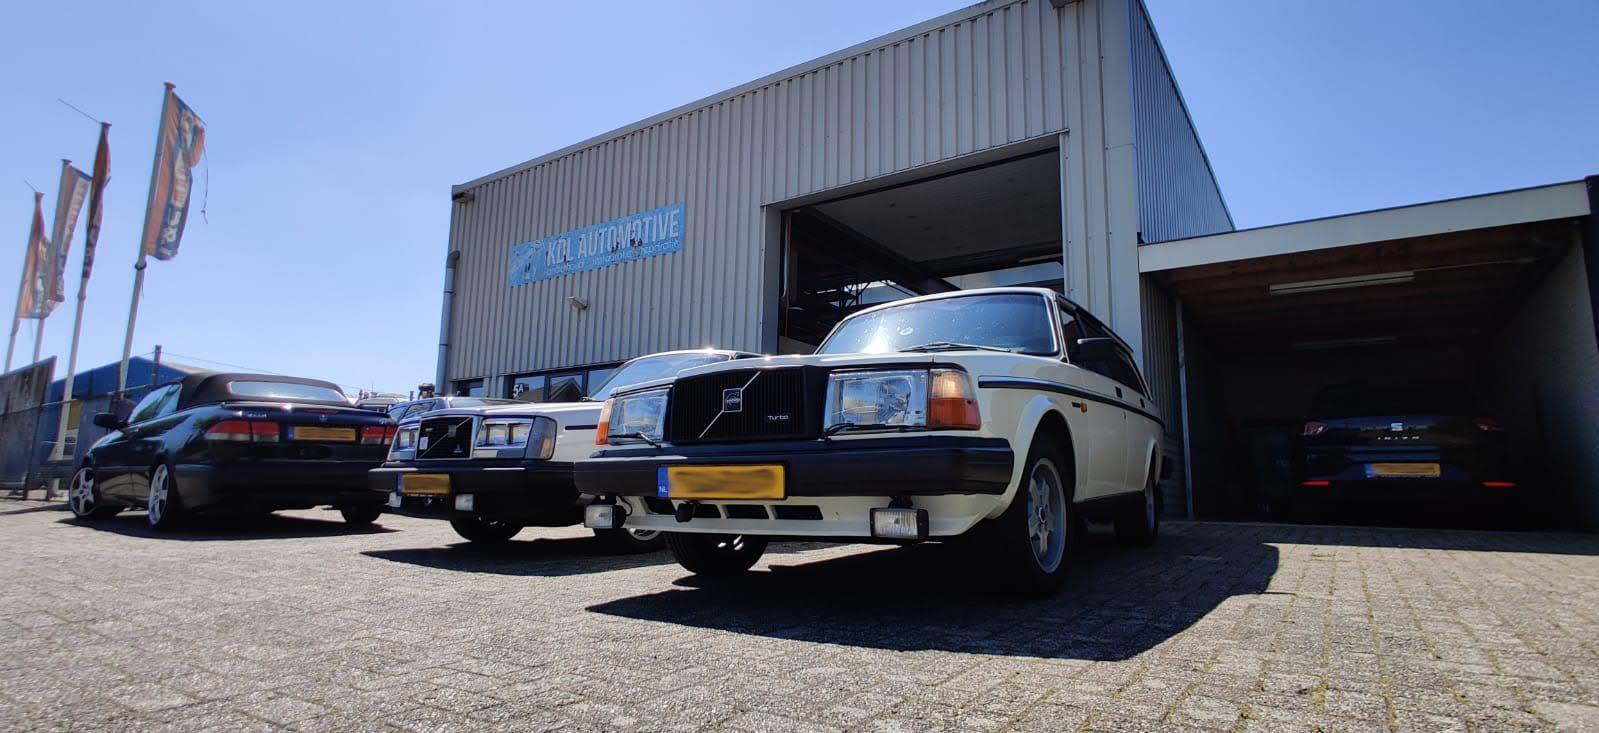 kdl automotive volvo specialist reparatie service banden apk onderhoud restauratie brabant oirschot middelbeers